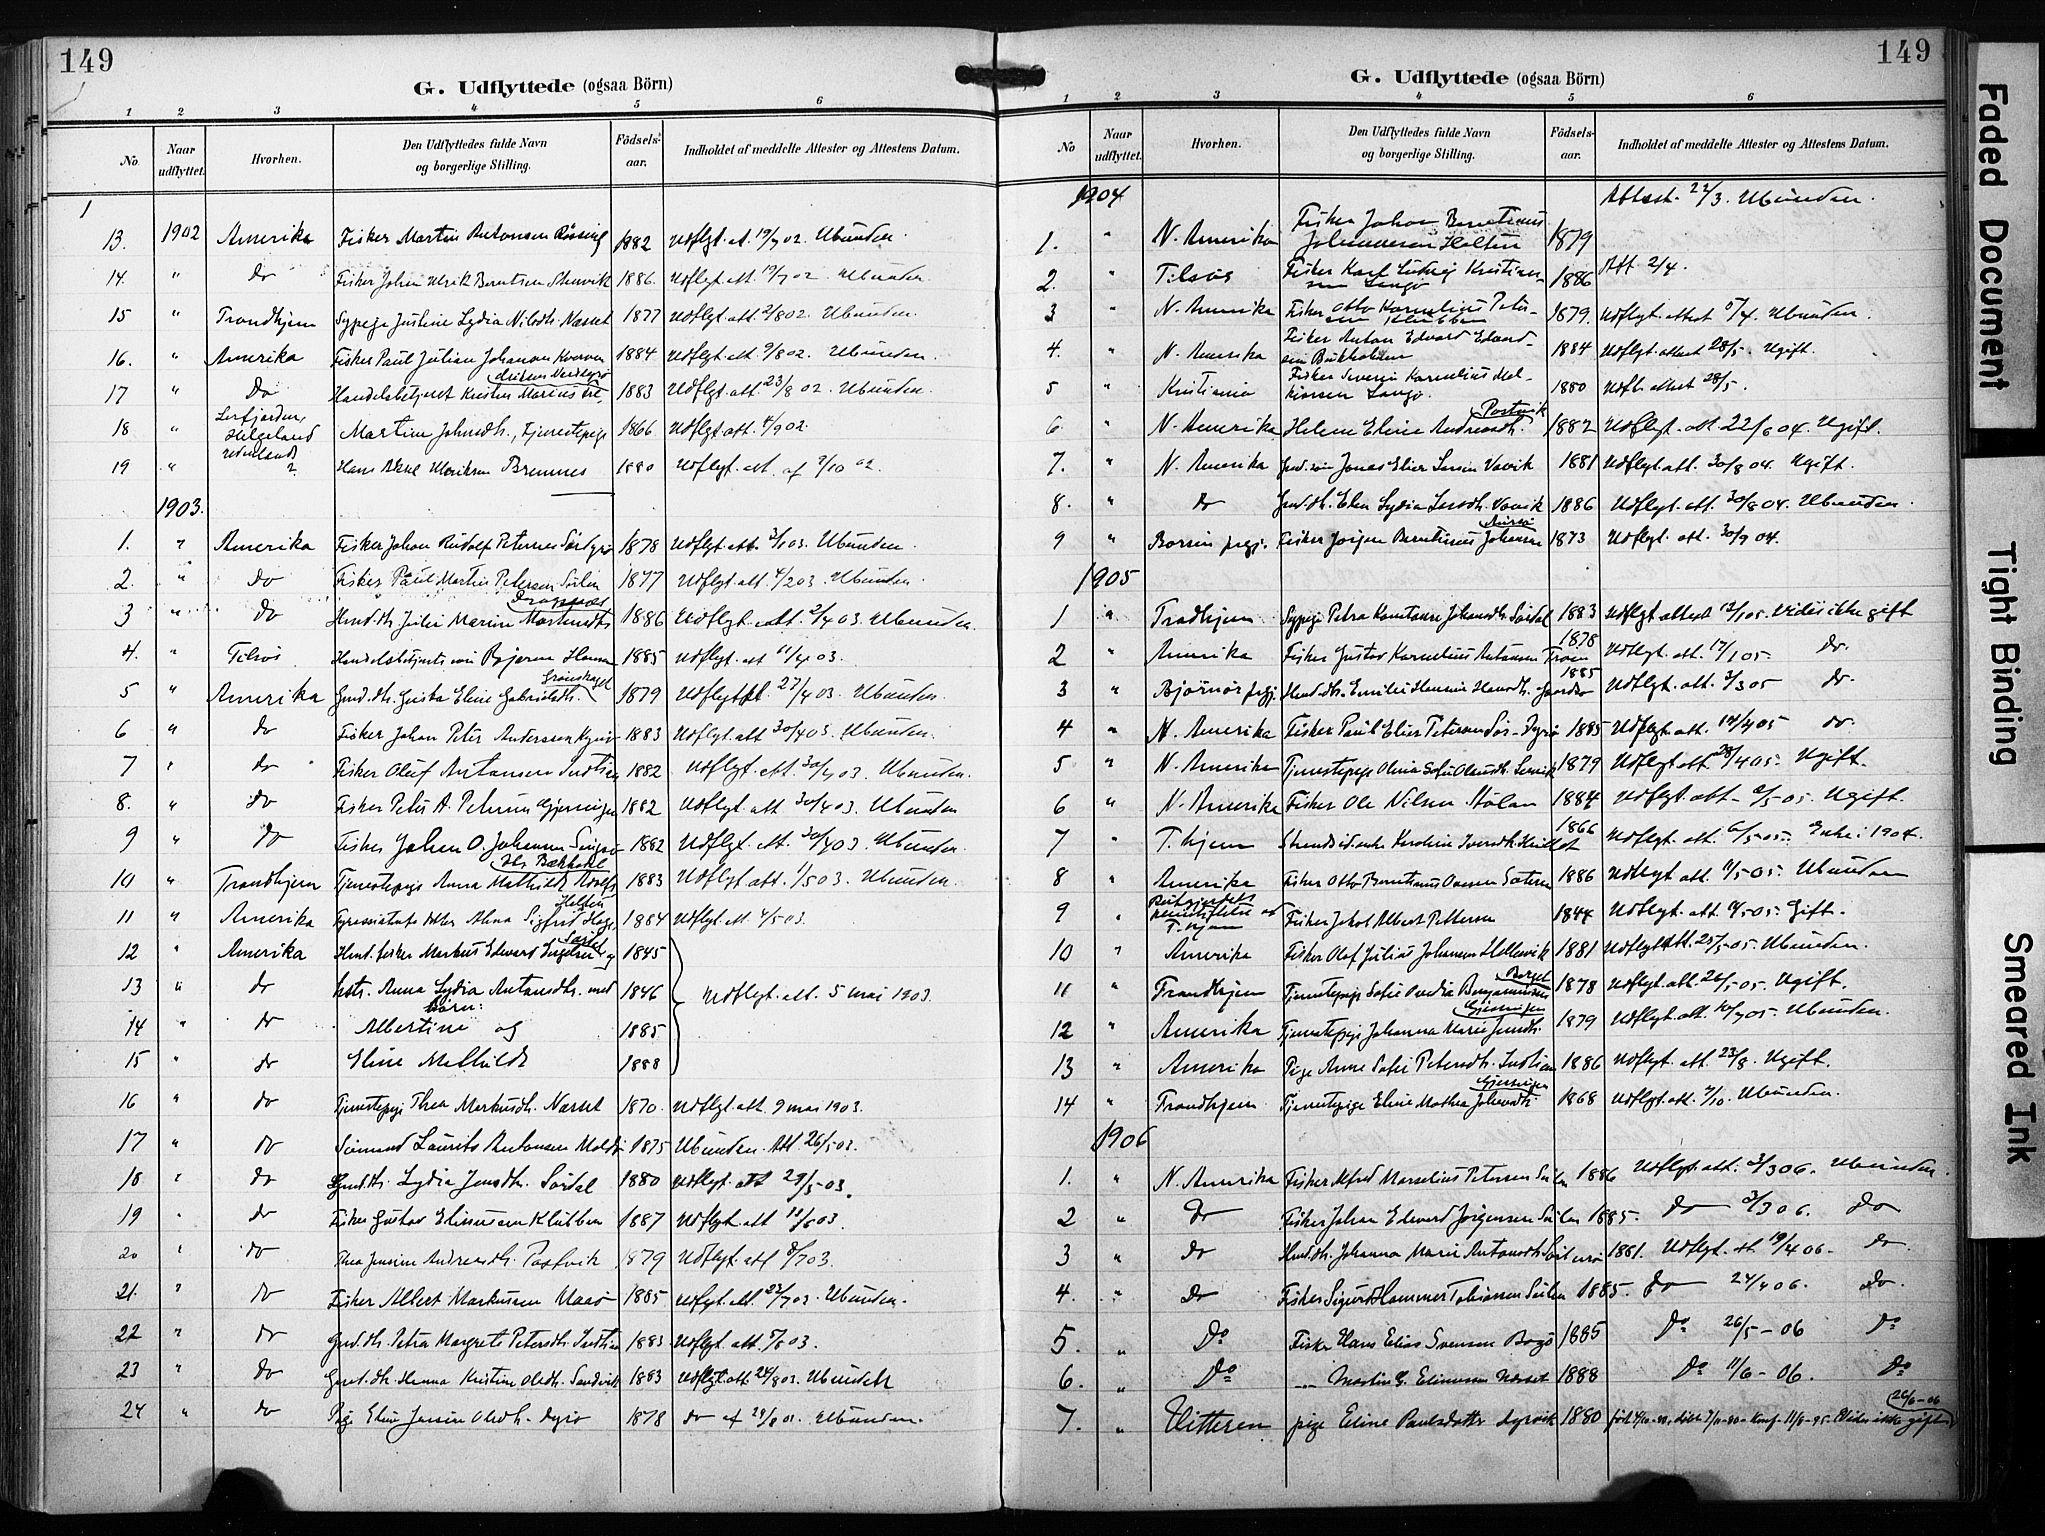 SAT, Ministerialprotokoller, klokkerbøker og fødselsregistre - Sør-Trøndelag, 640/L0580: Ministerialbok nr. 640A05, 1902-1910, s. 149